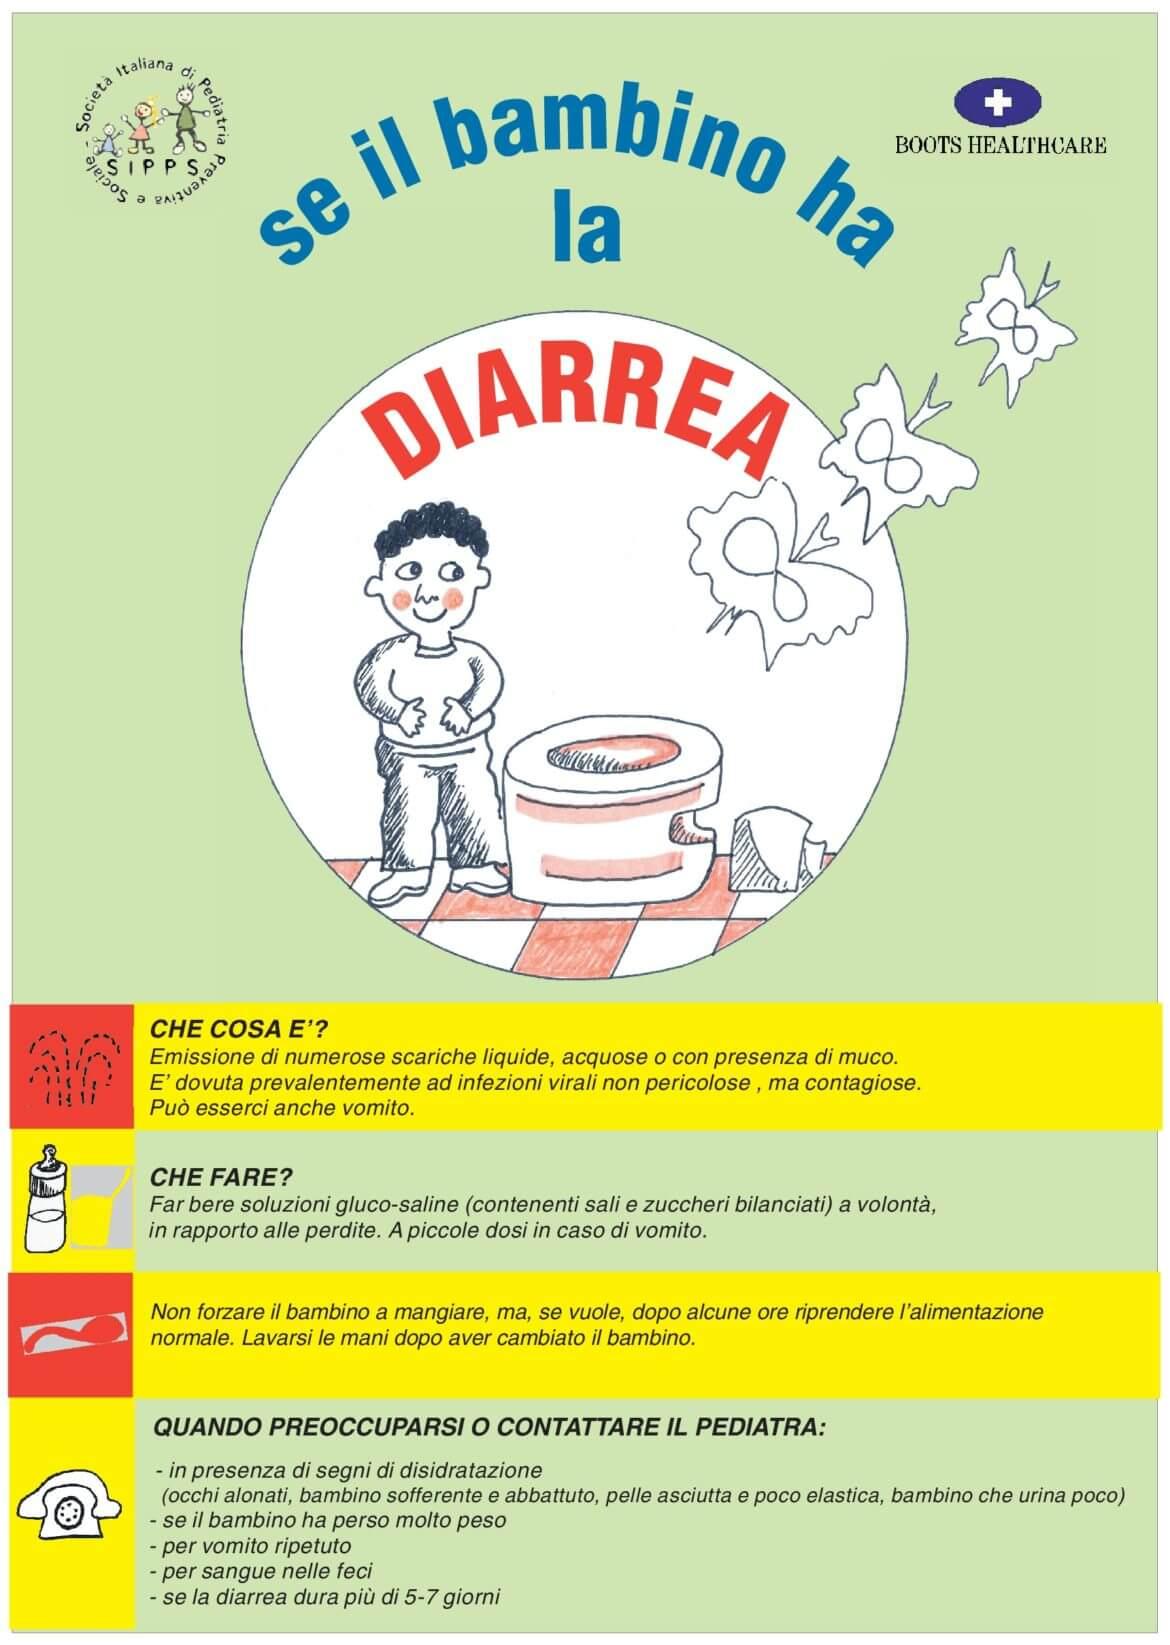 diarrea-001.jpg